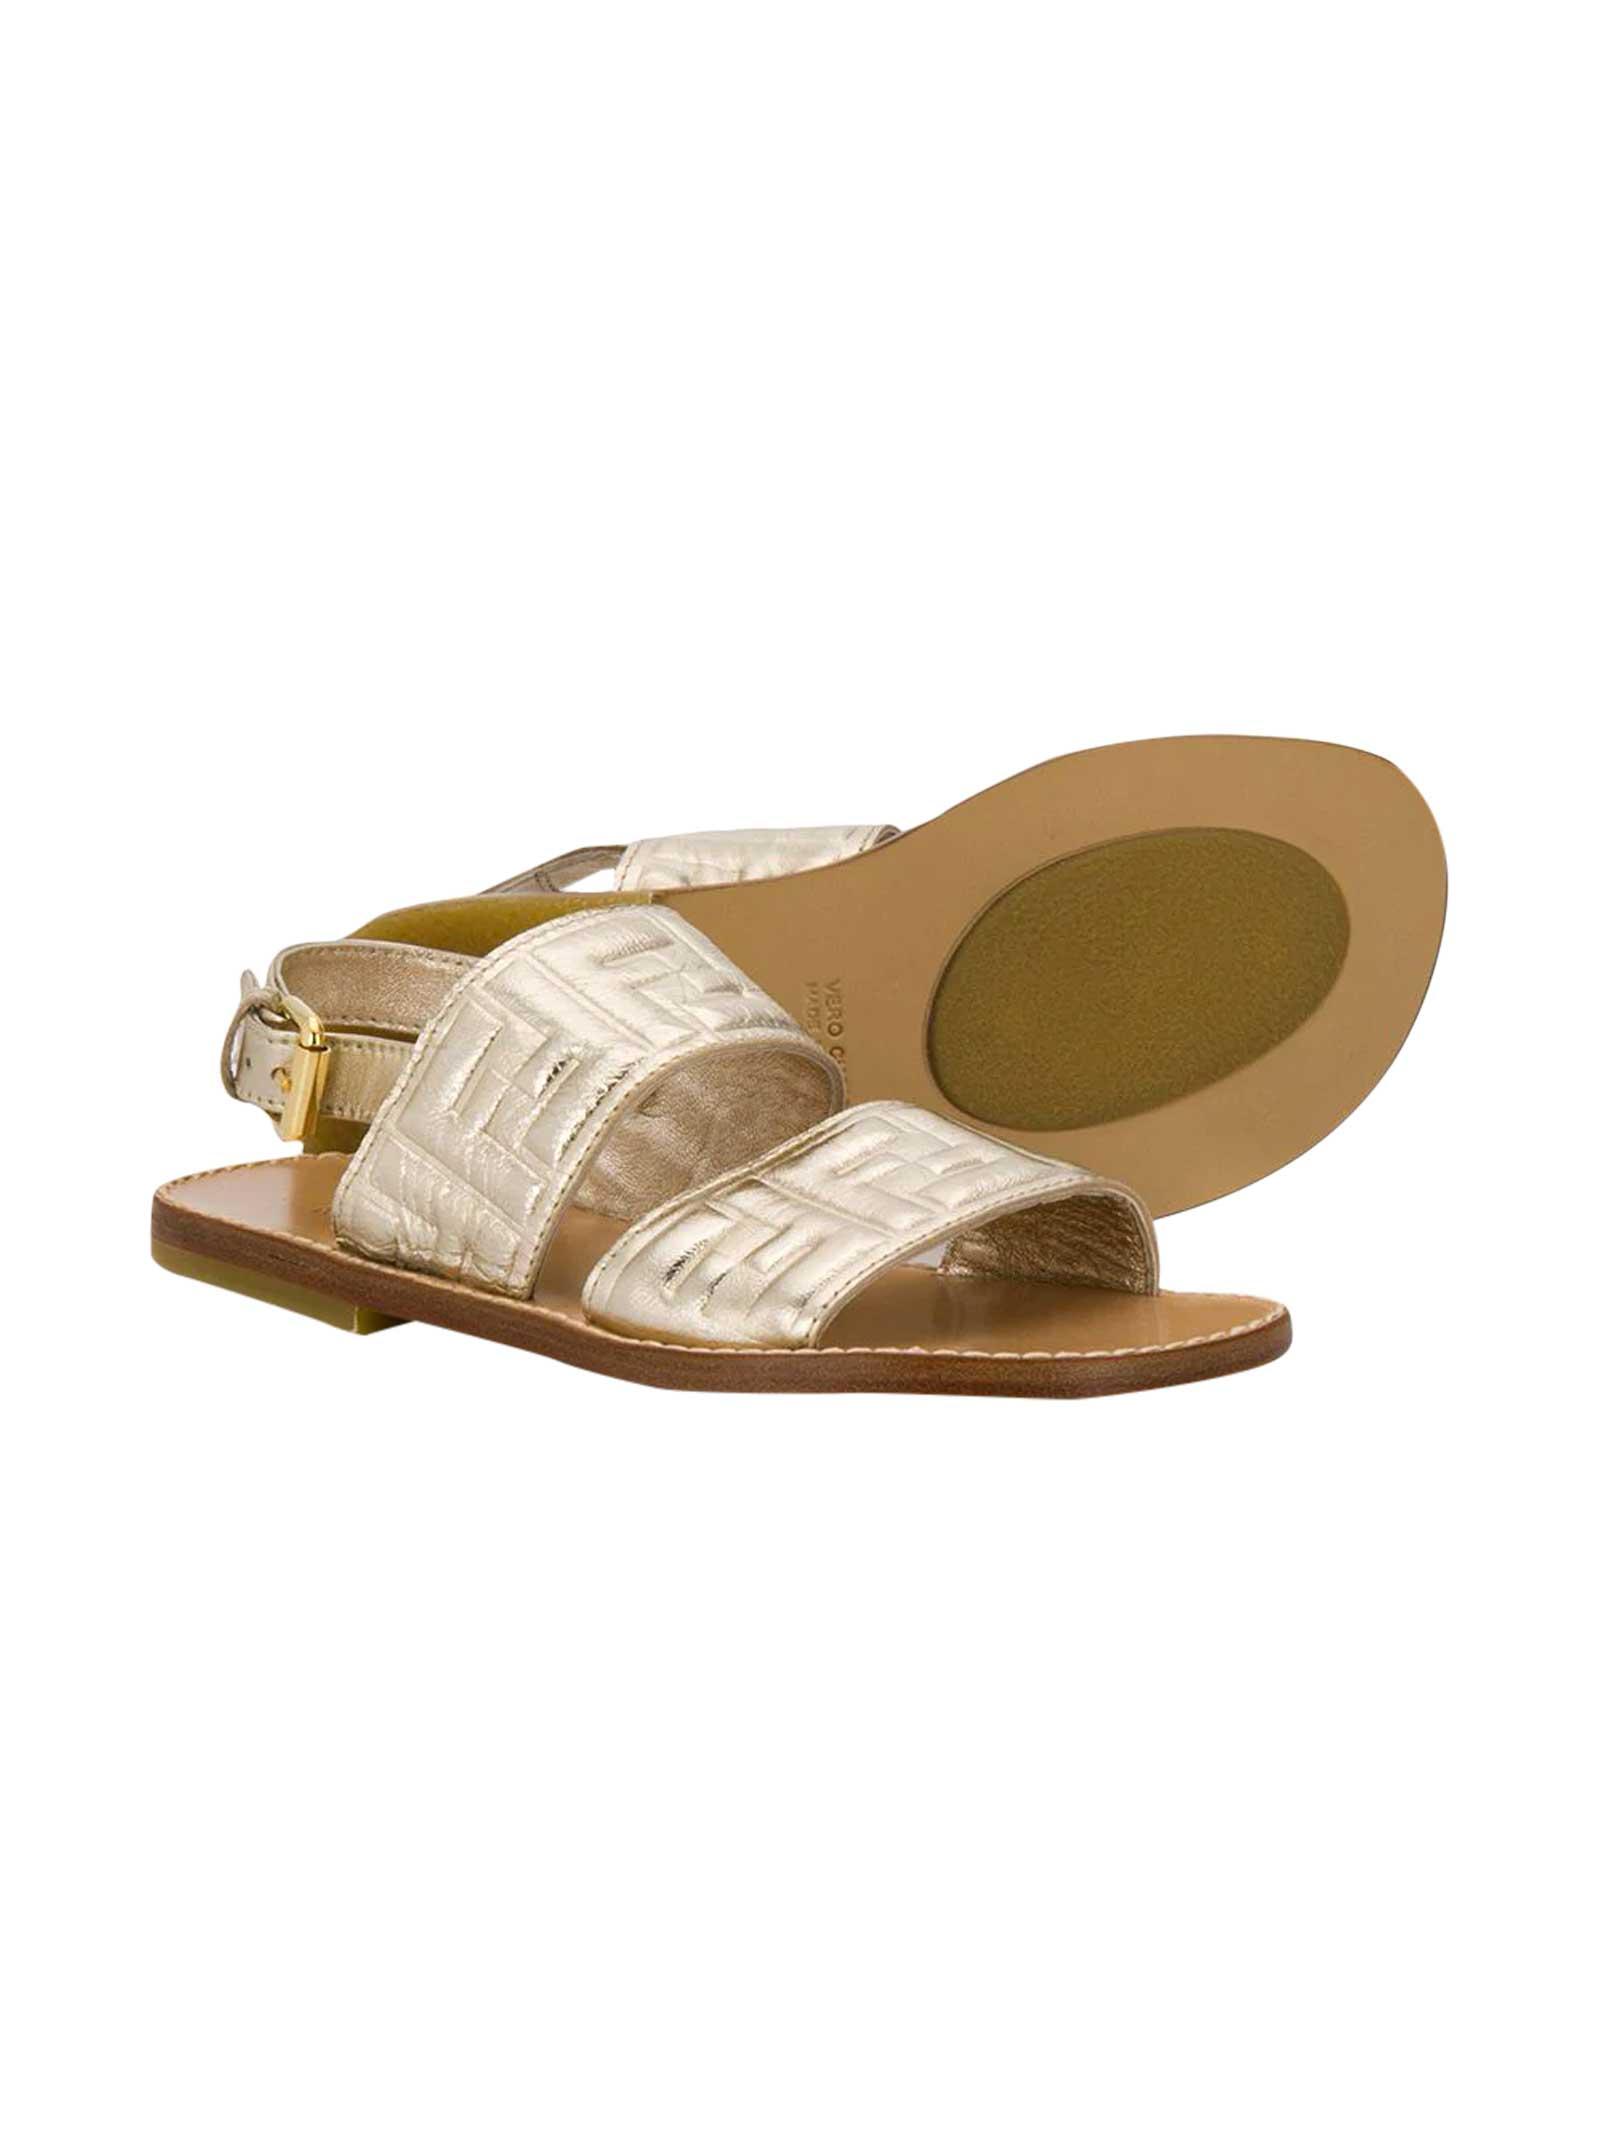 Gold sandals Fendi kids - FENDI KIDS